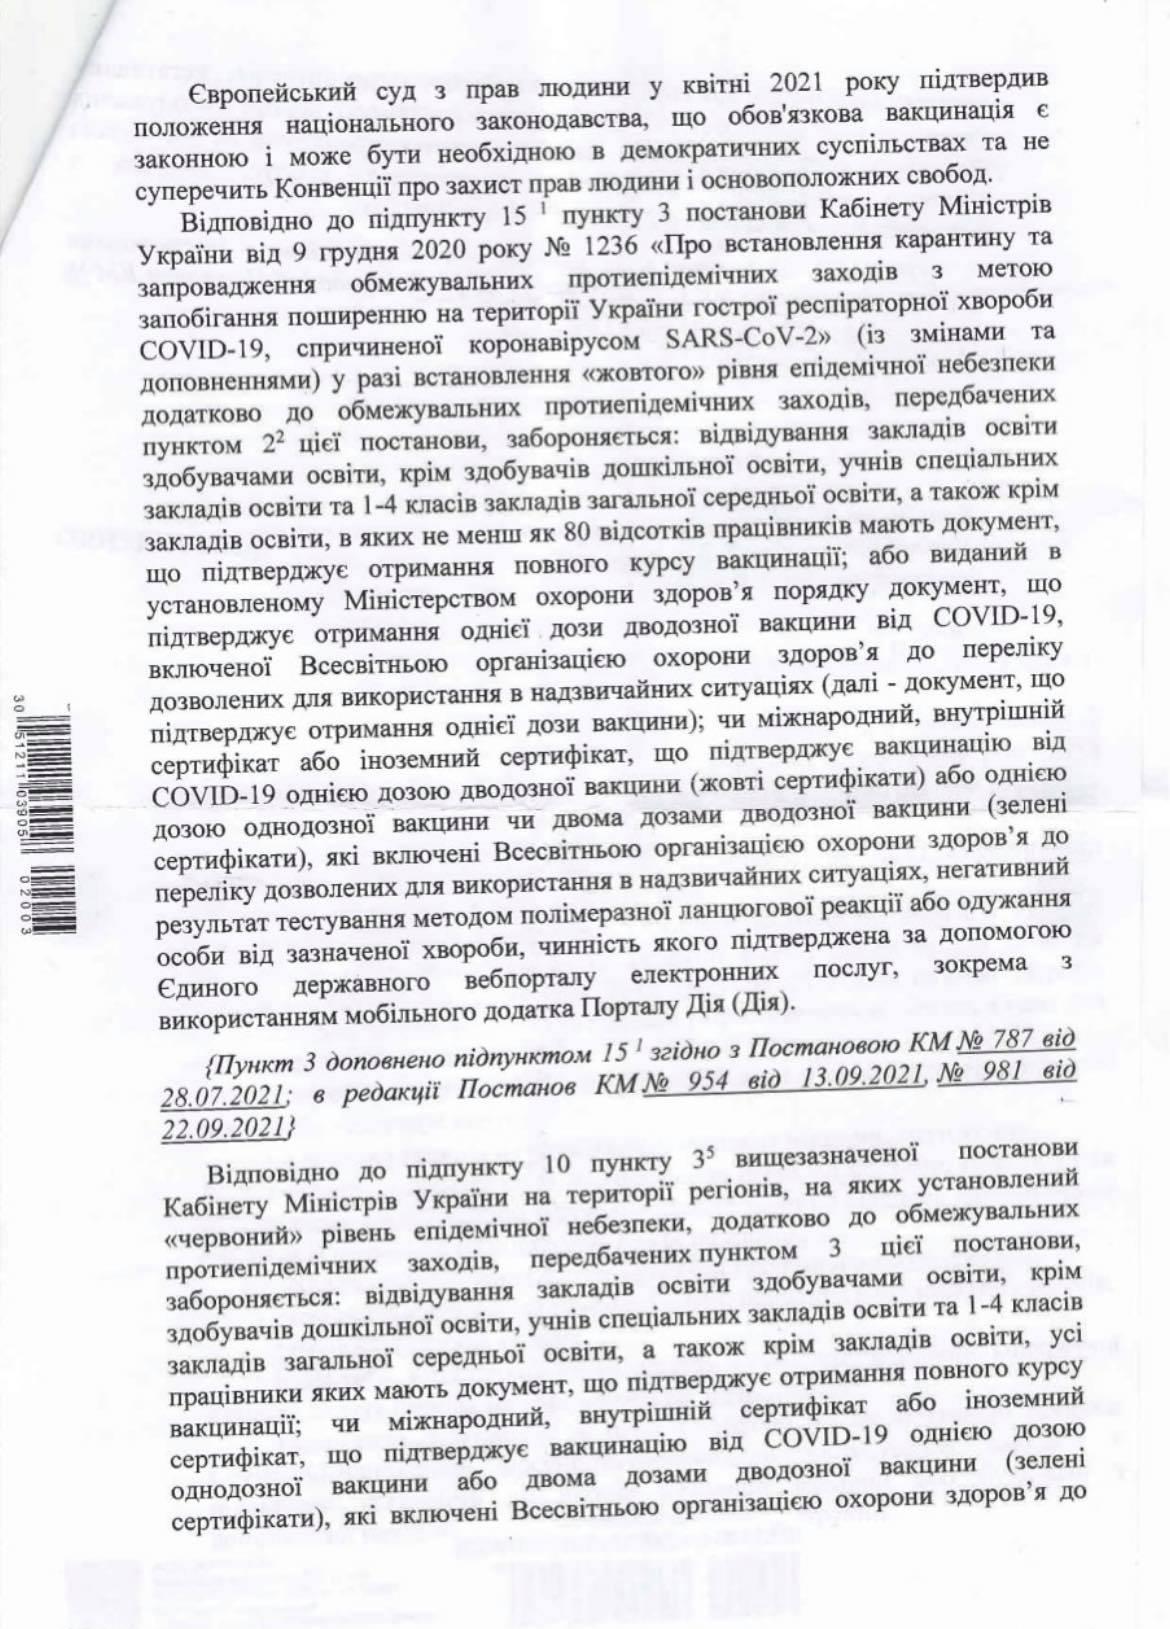 Ответ Минздрава адвокату, с. 3